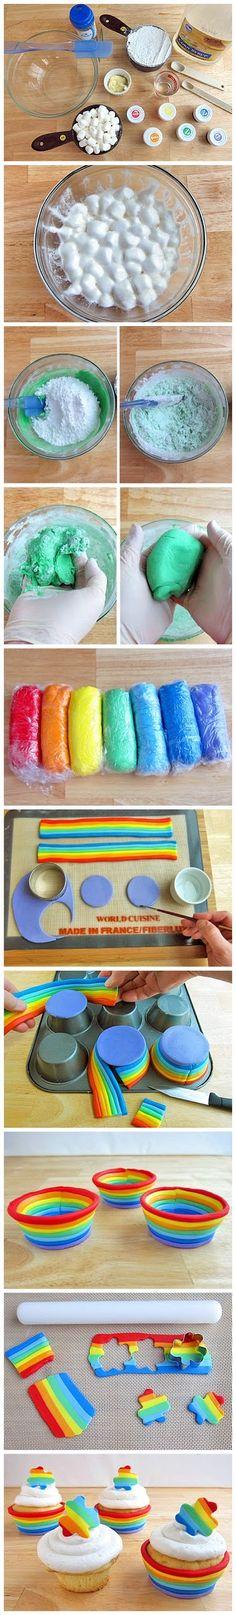 joysama images: Rainbow Fondant Cups